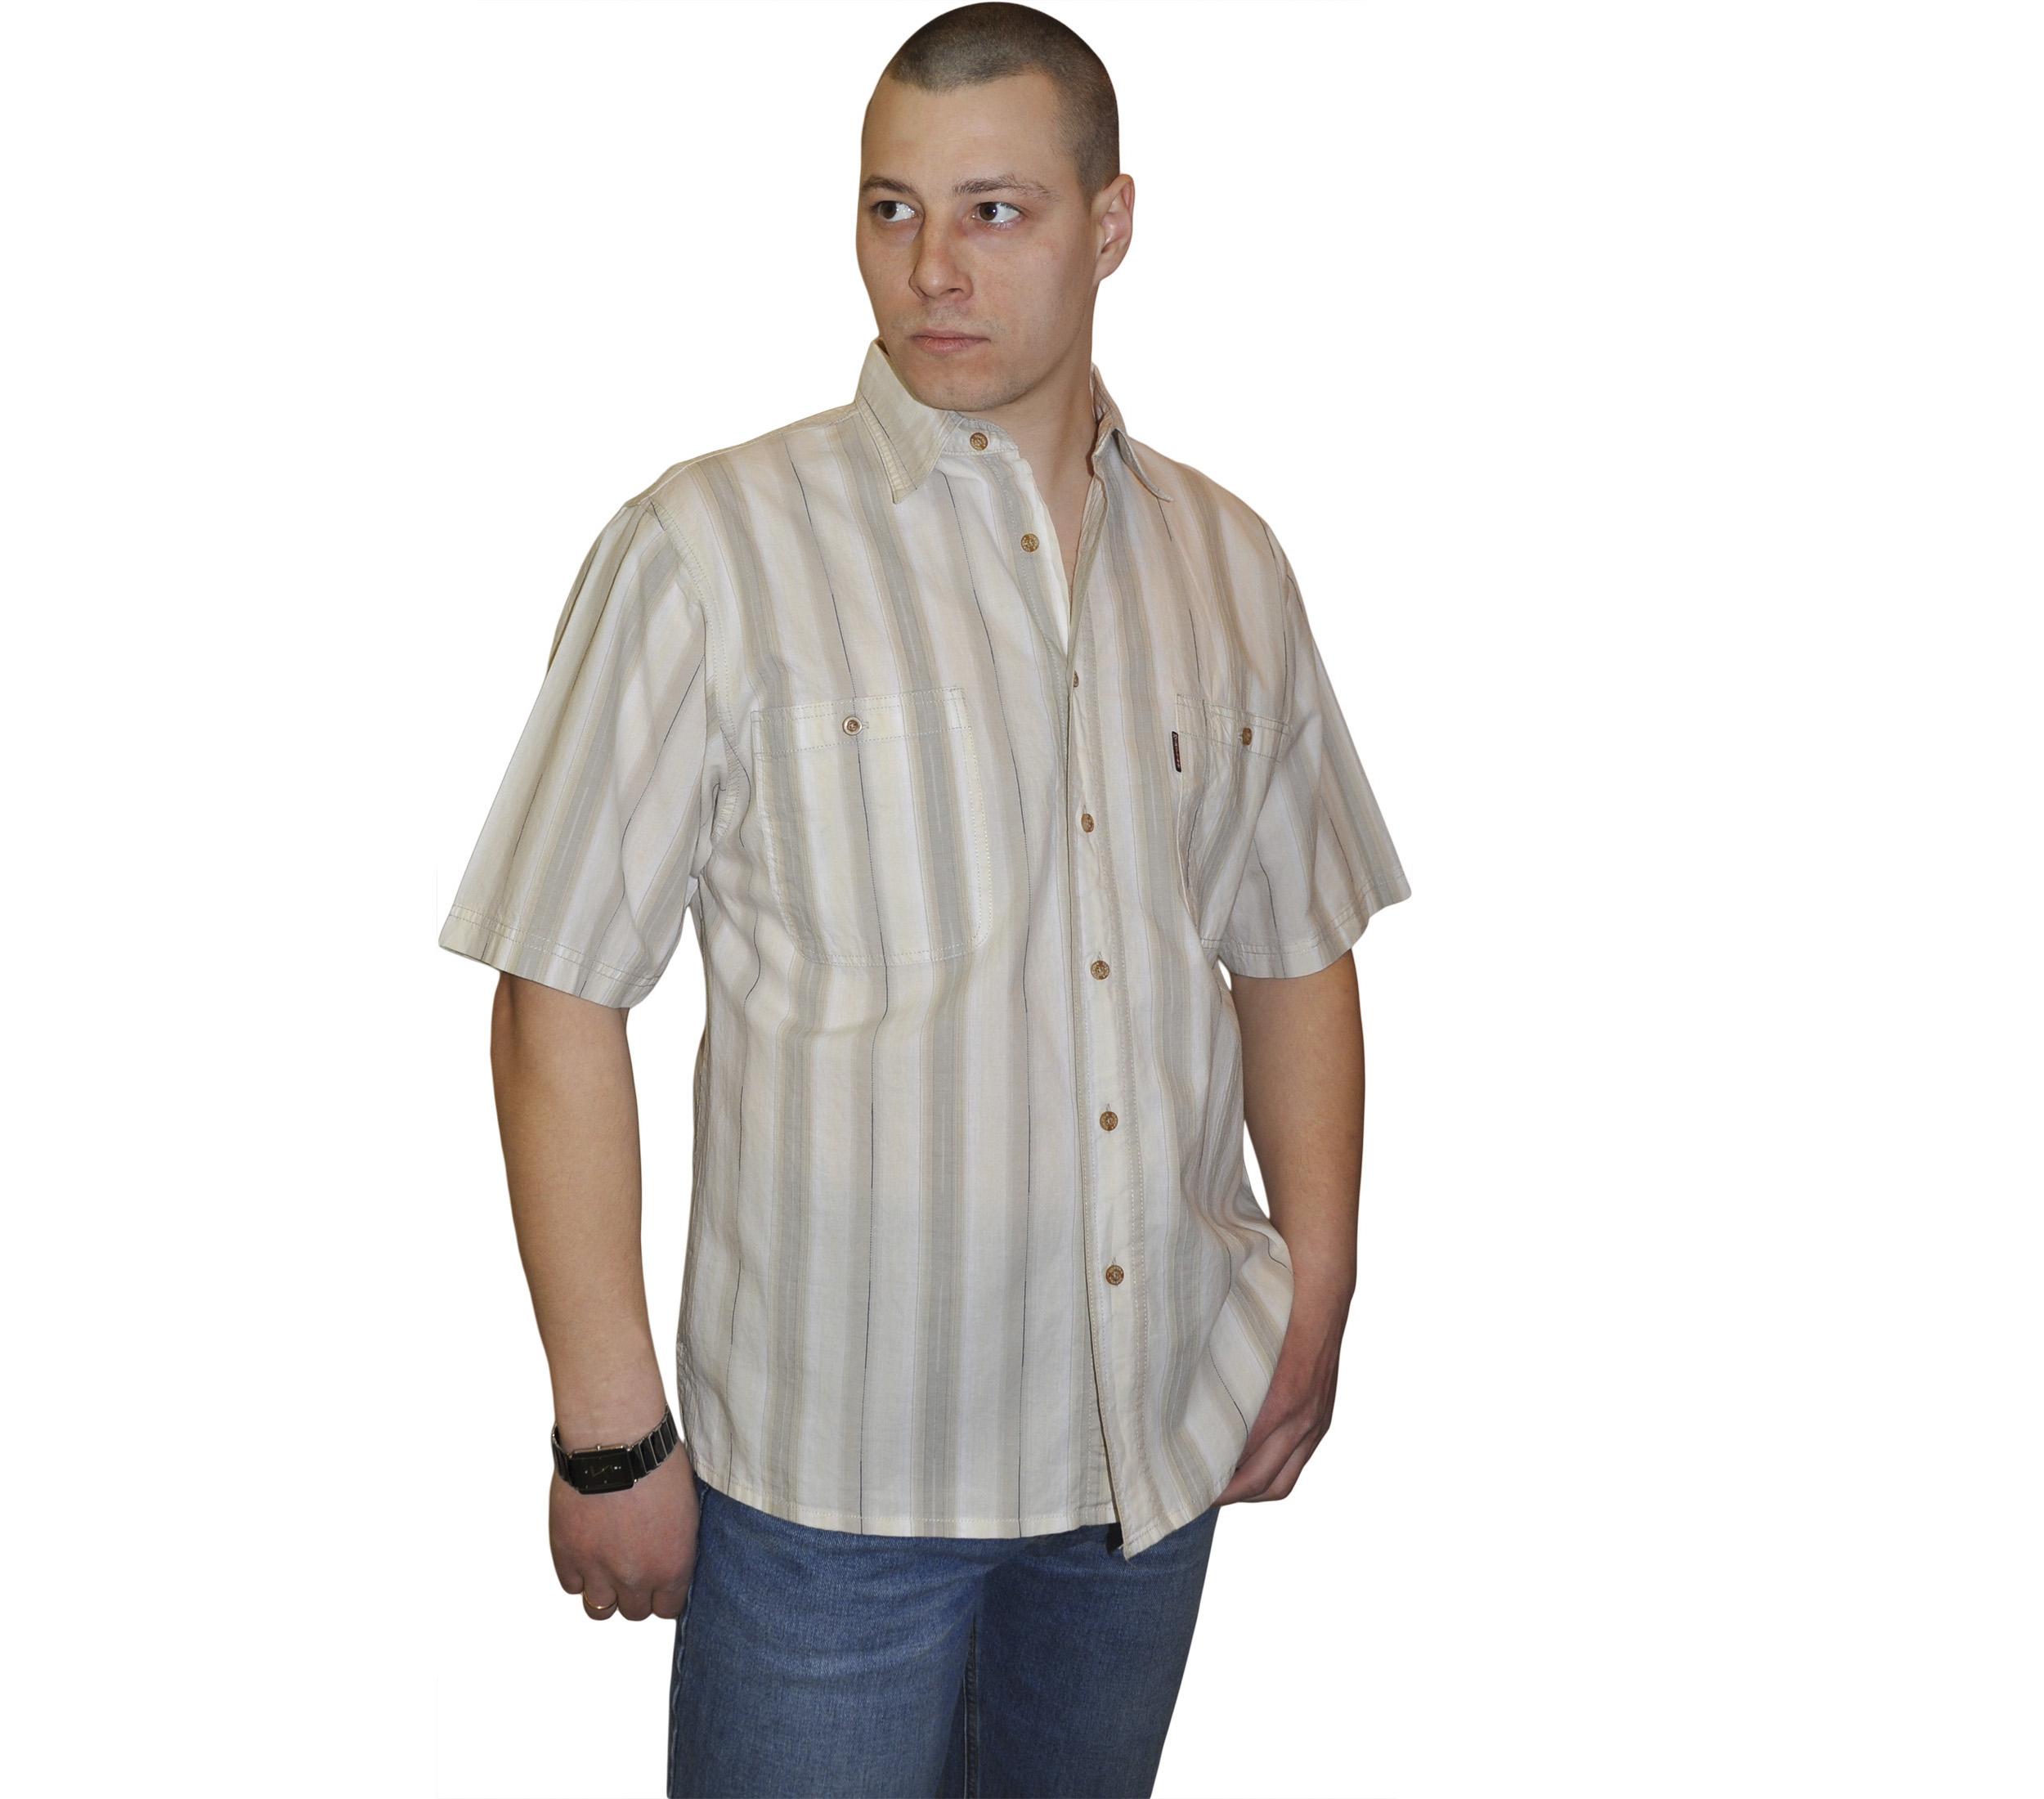 Мужская рубашка в толстую бежево-коричневую полосу и тонкую темно